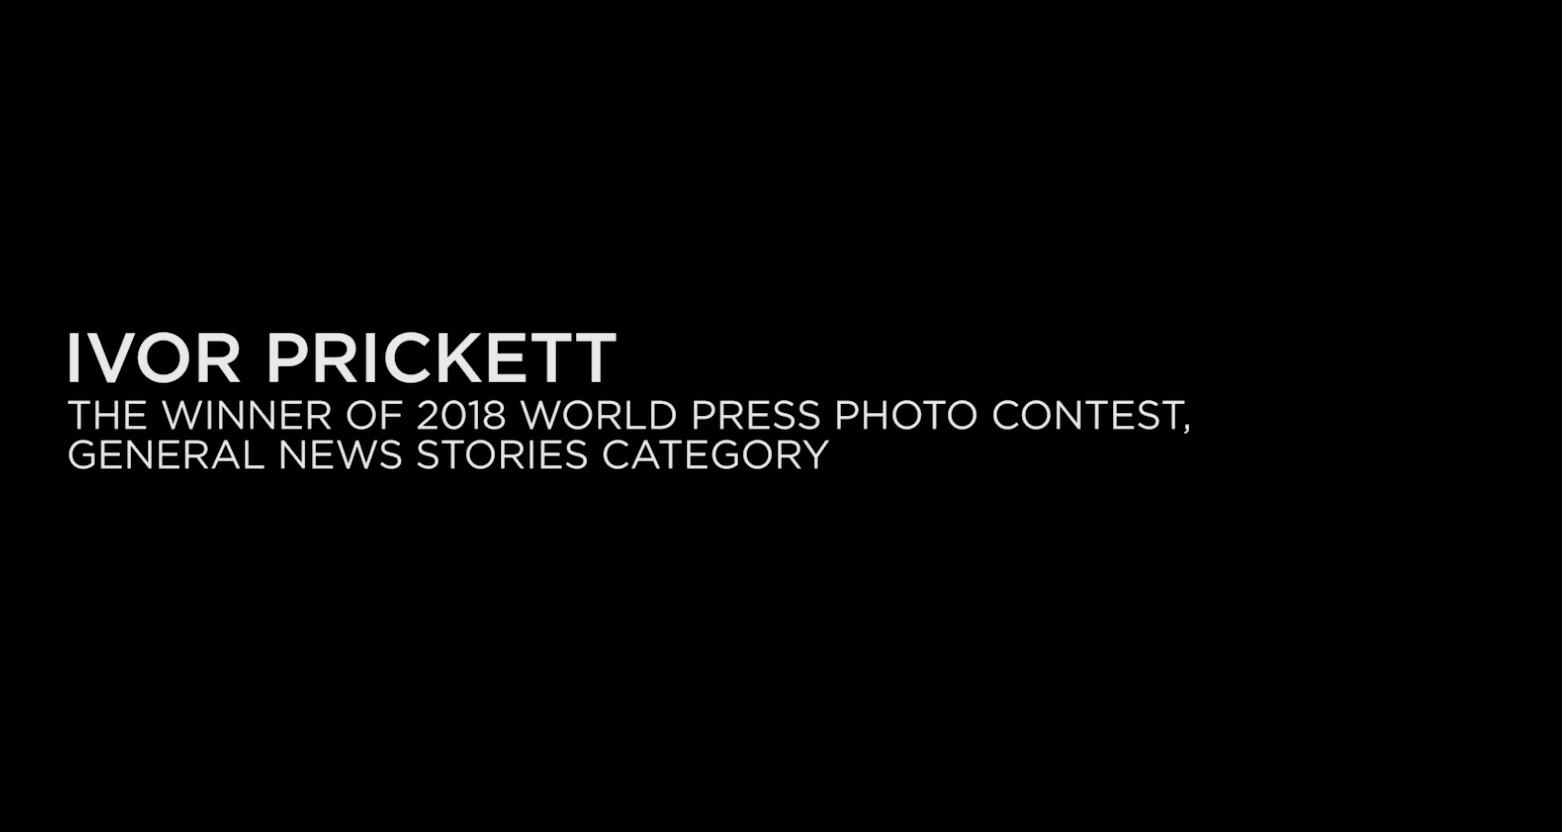 Risultati immagini per ivor prickett new york times